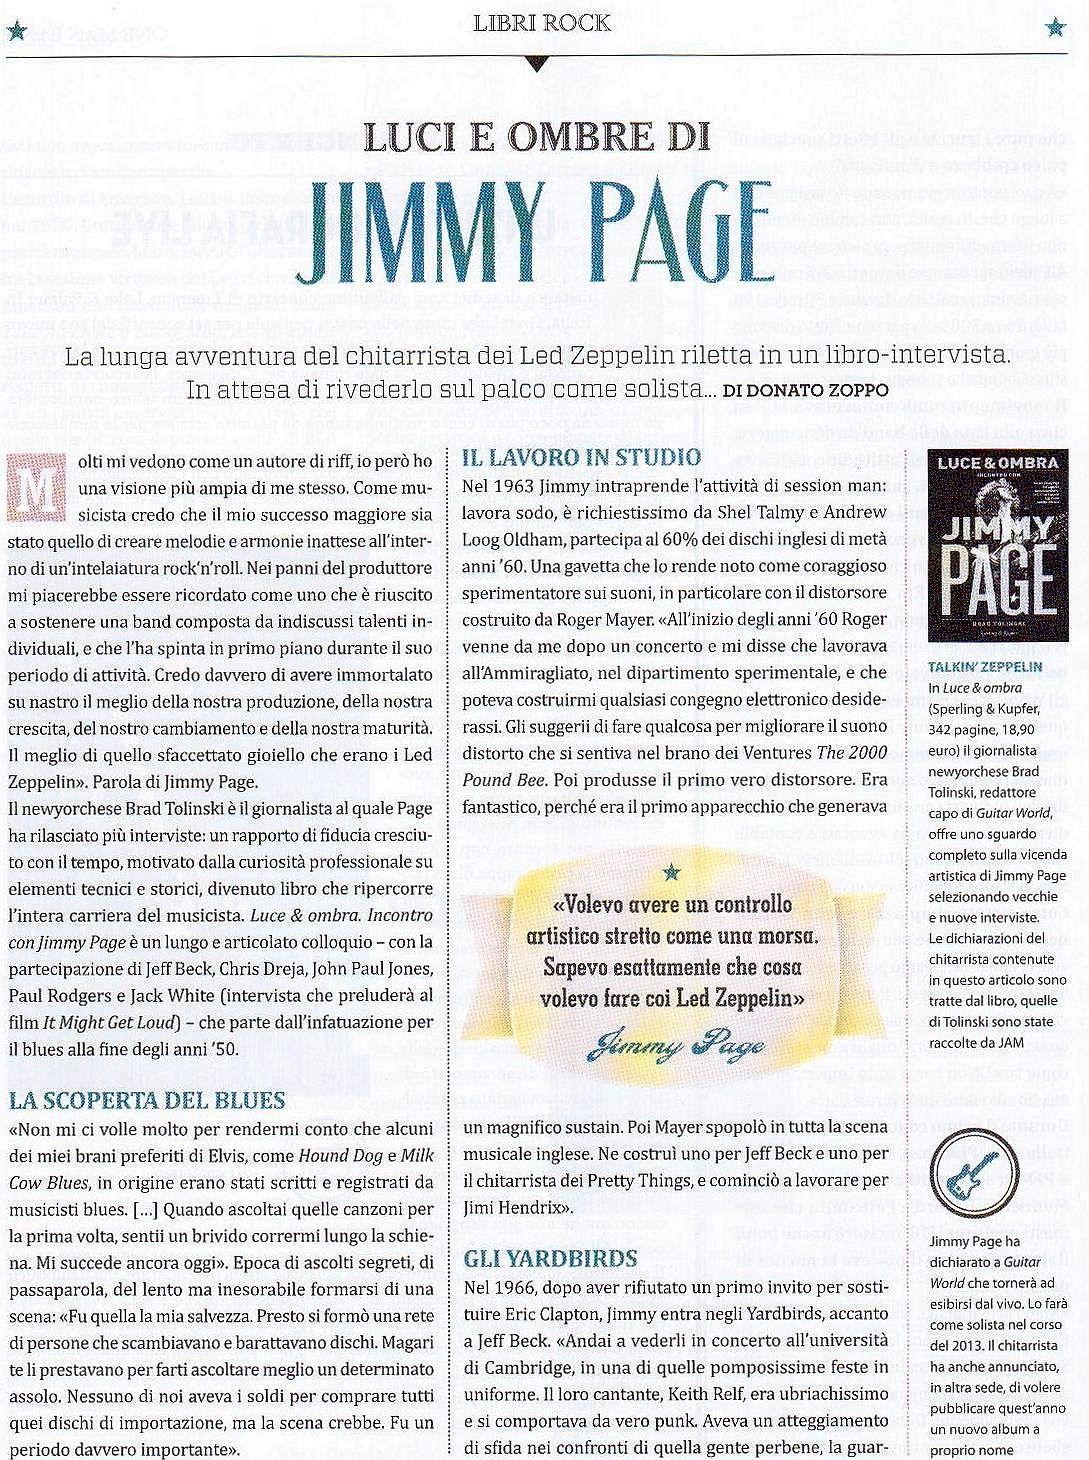 Tolinski Page Jam gen. 2013 1